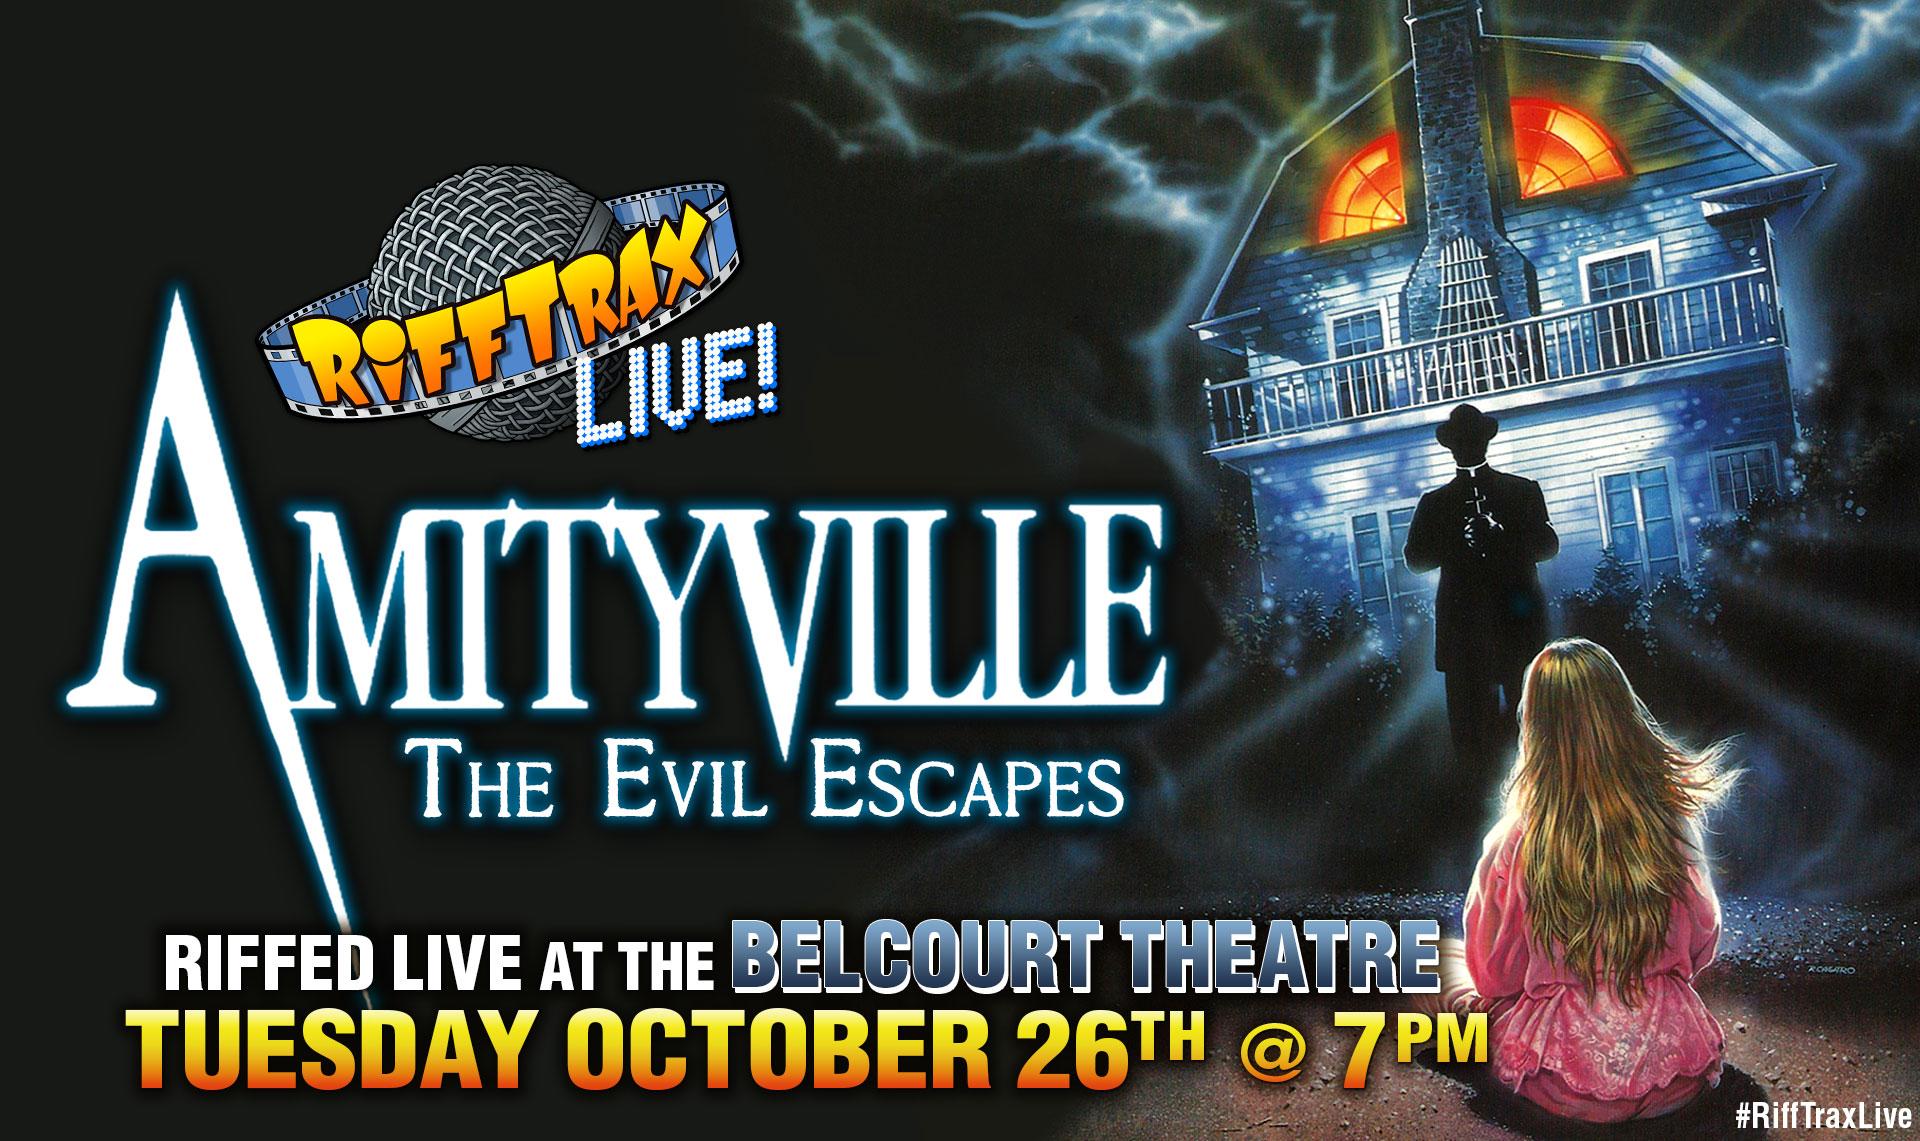 RiffTrax Live: AMITYVILLE: THE EVIL ESCAPES